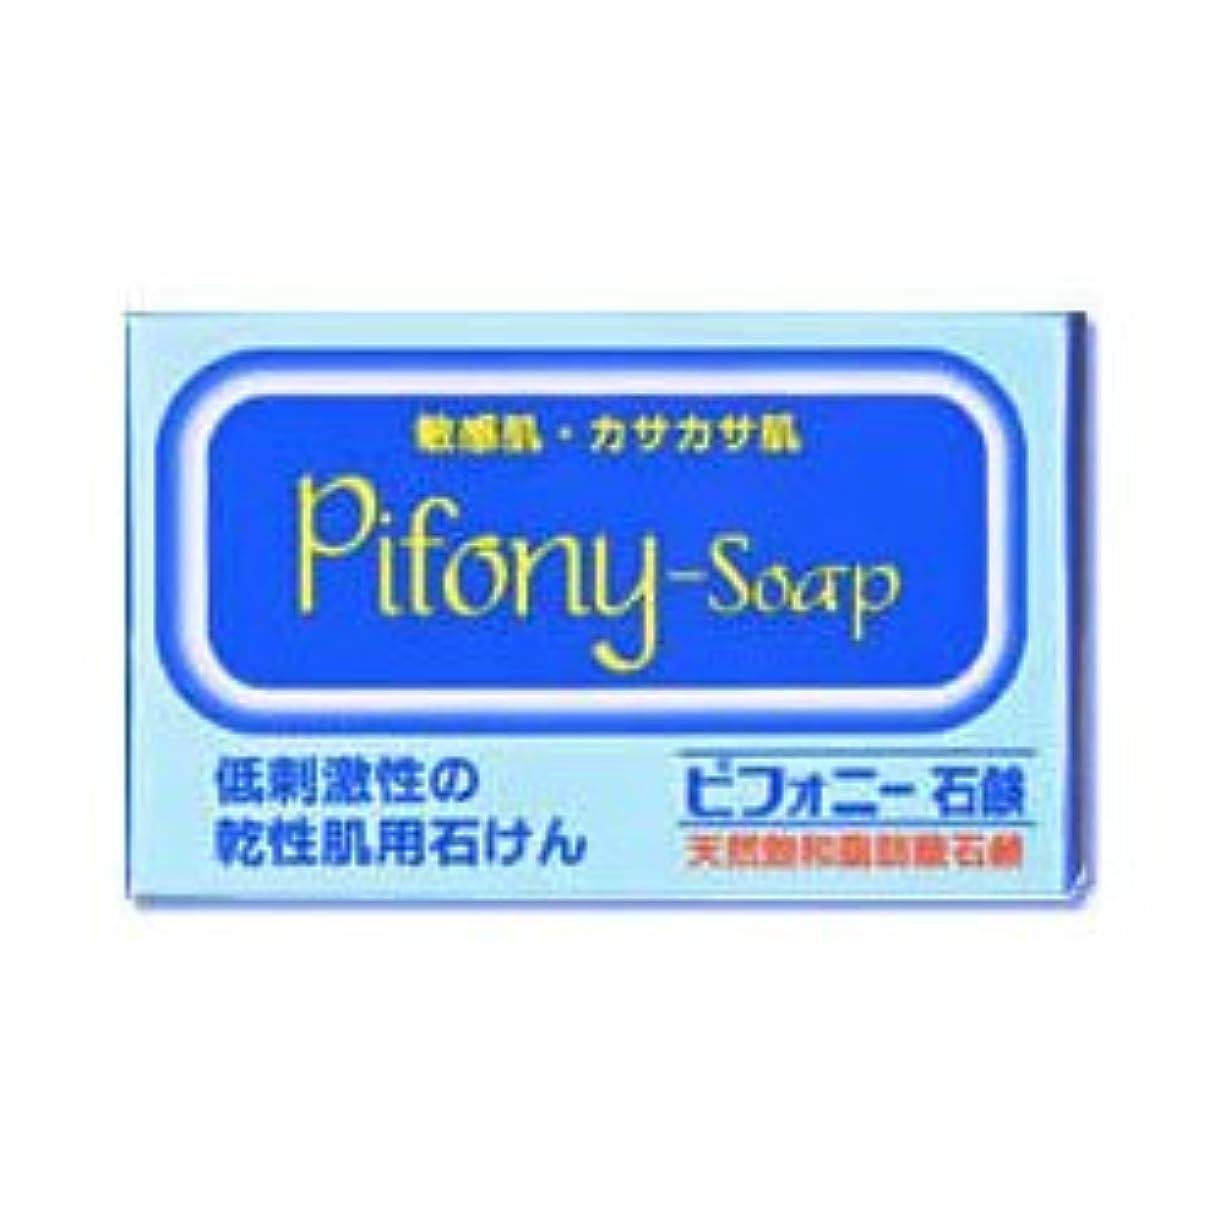 見落とす緩む明示的に【ノーエチ薬品】ピフォニー石鹸 100g ×3個セット